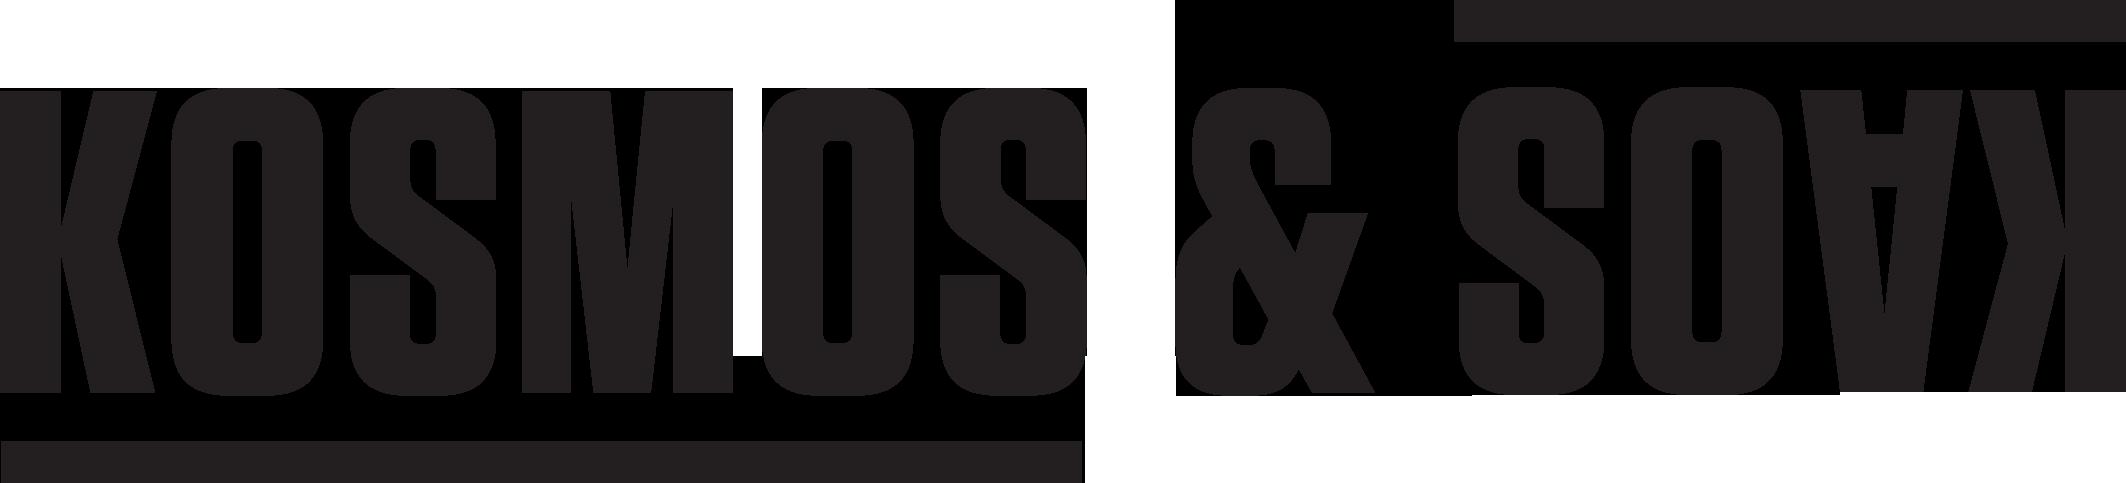 Kosmos og Kaos